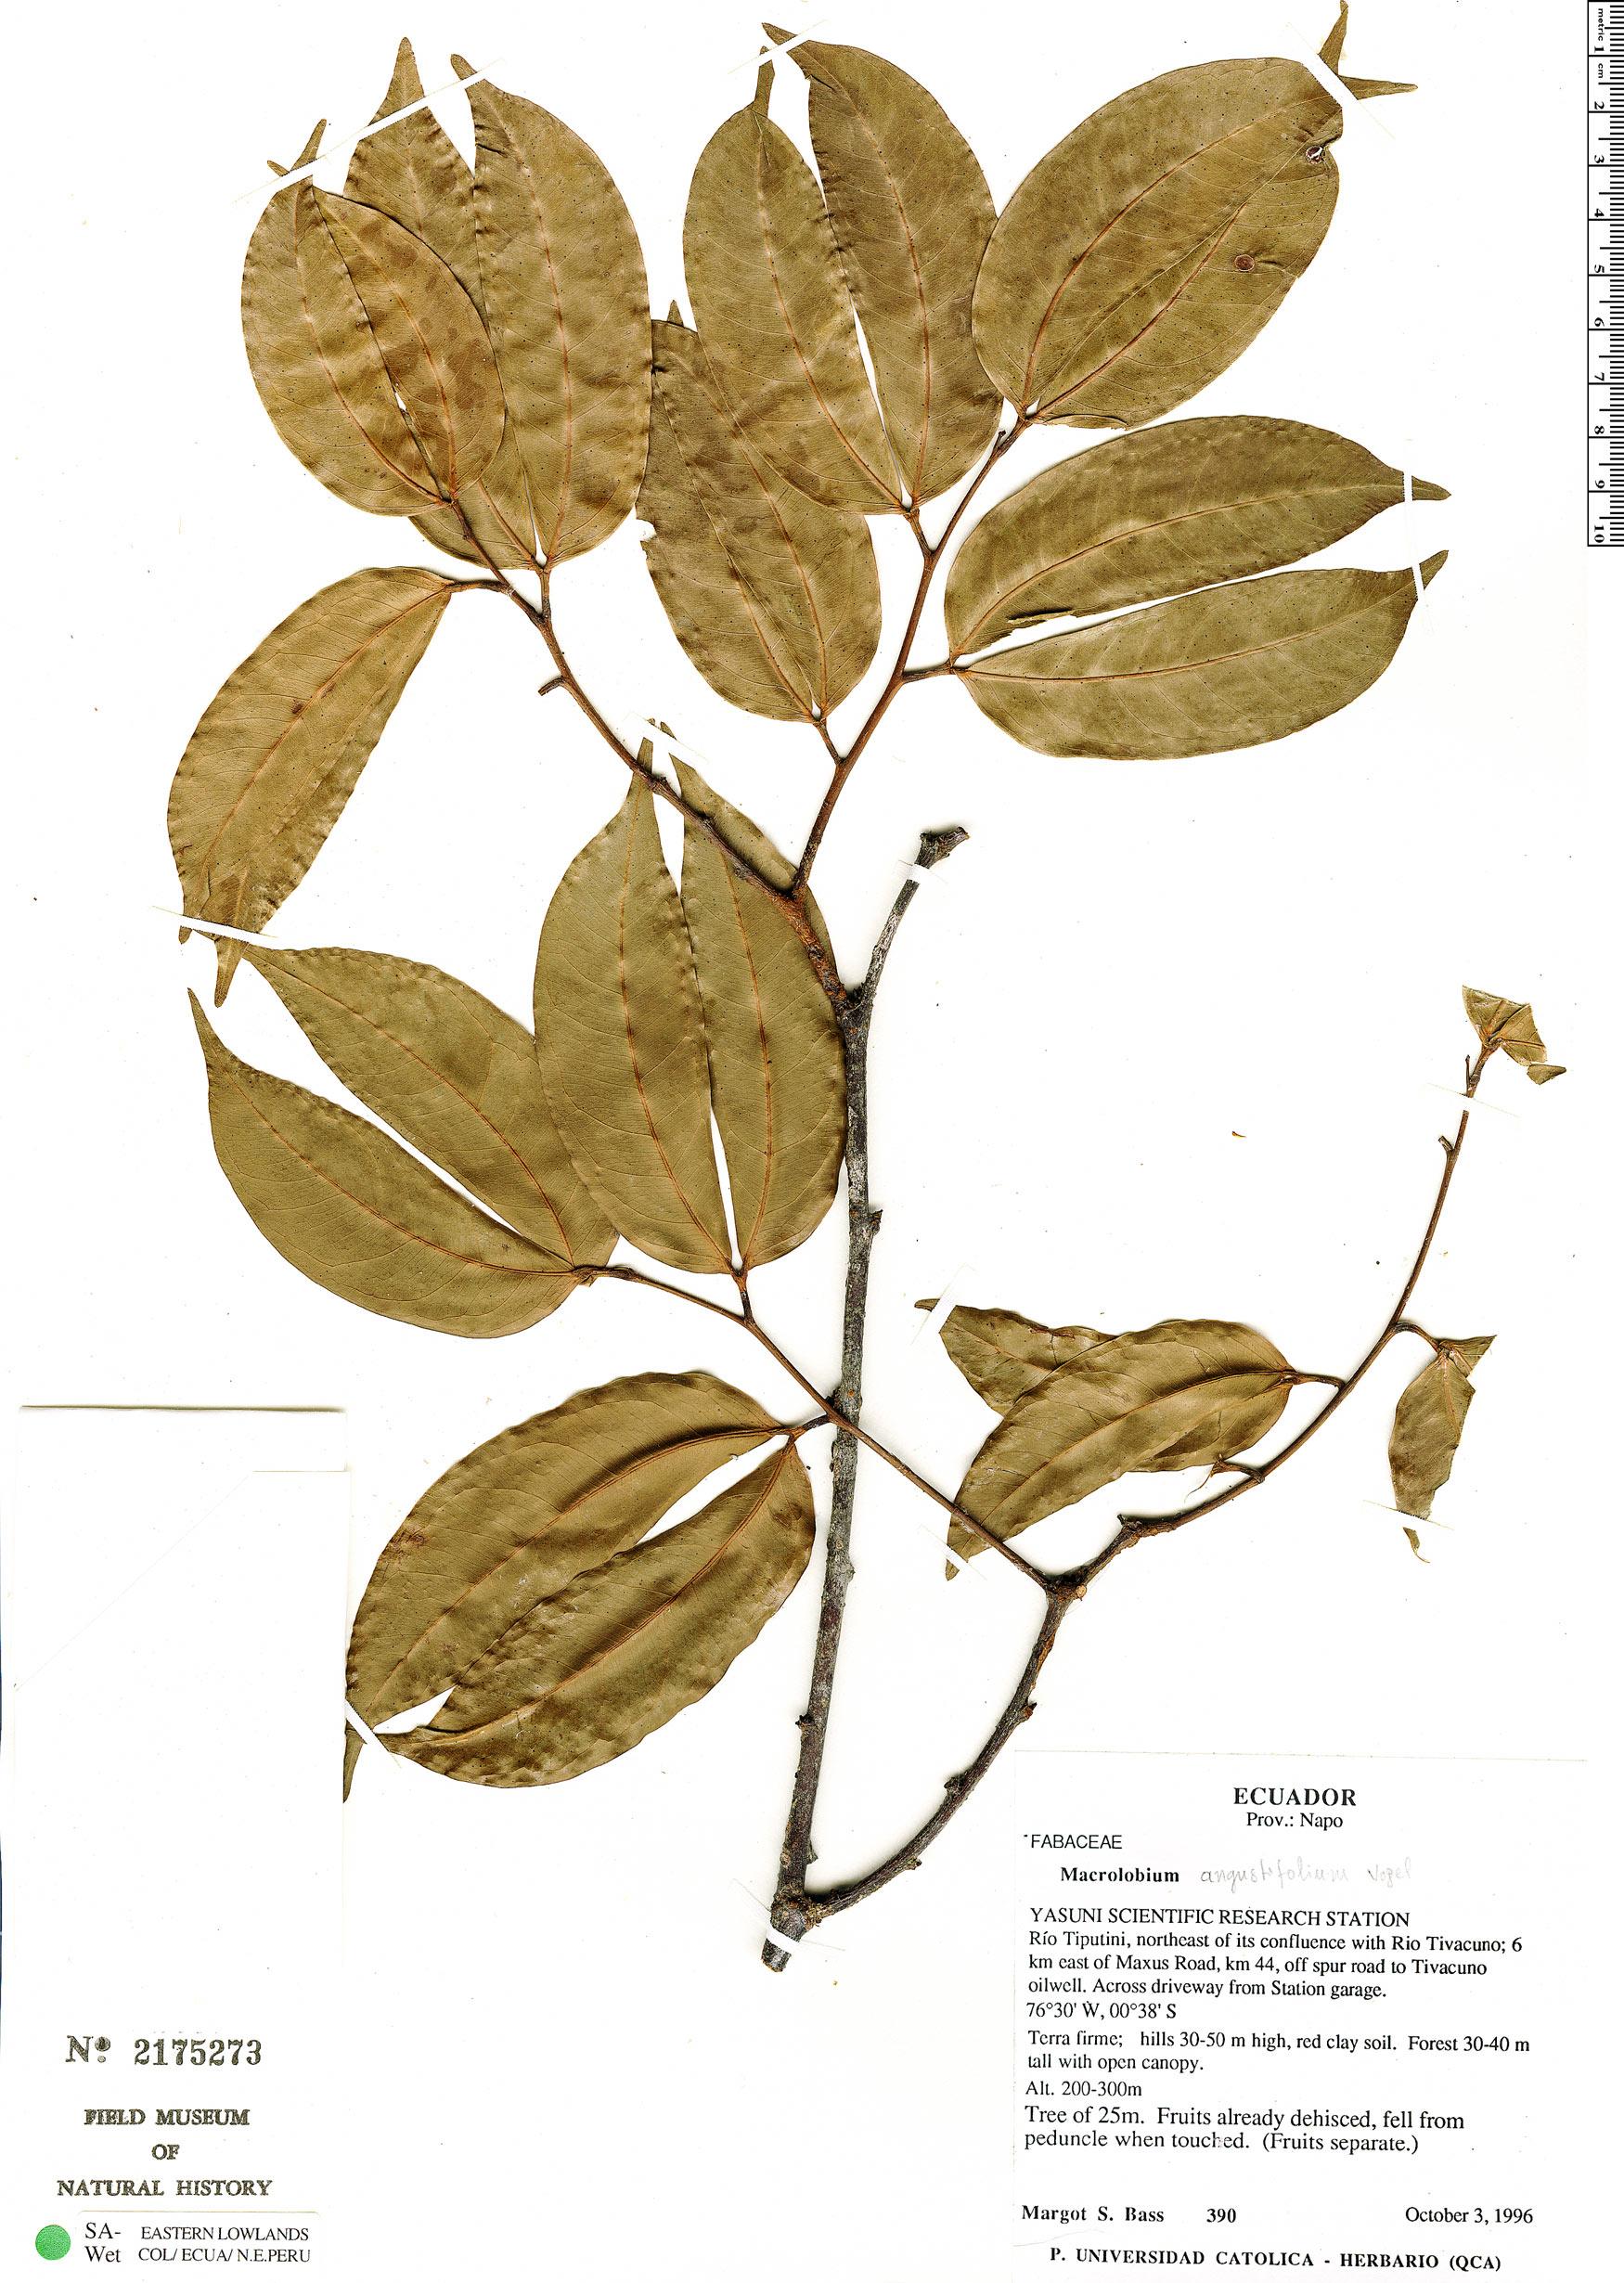 Espécimen: Macrolobium angustifolium